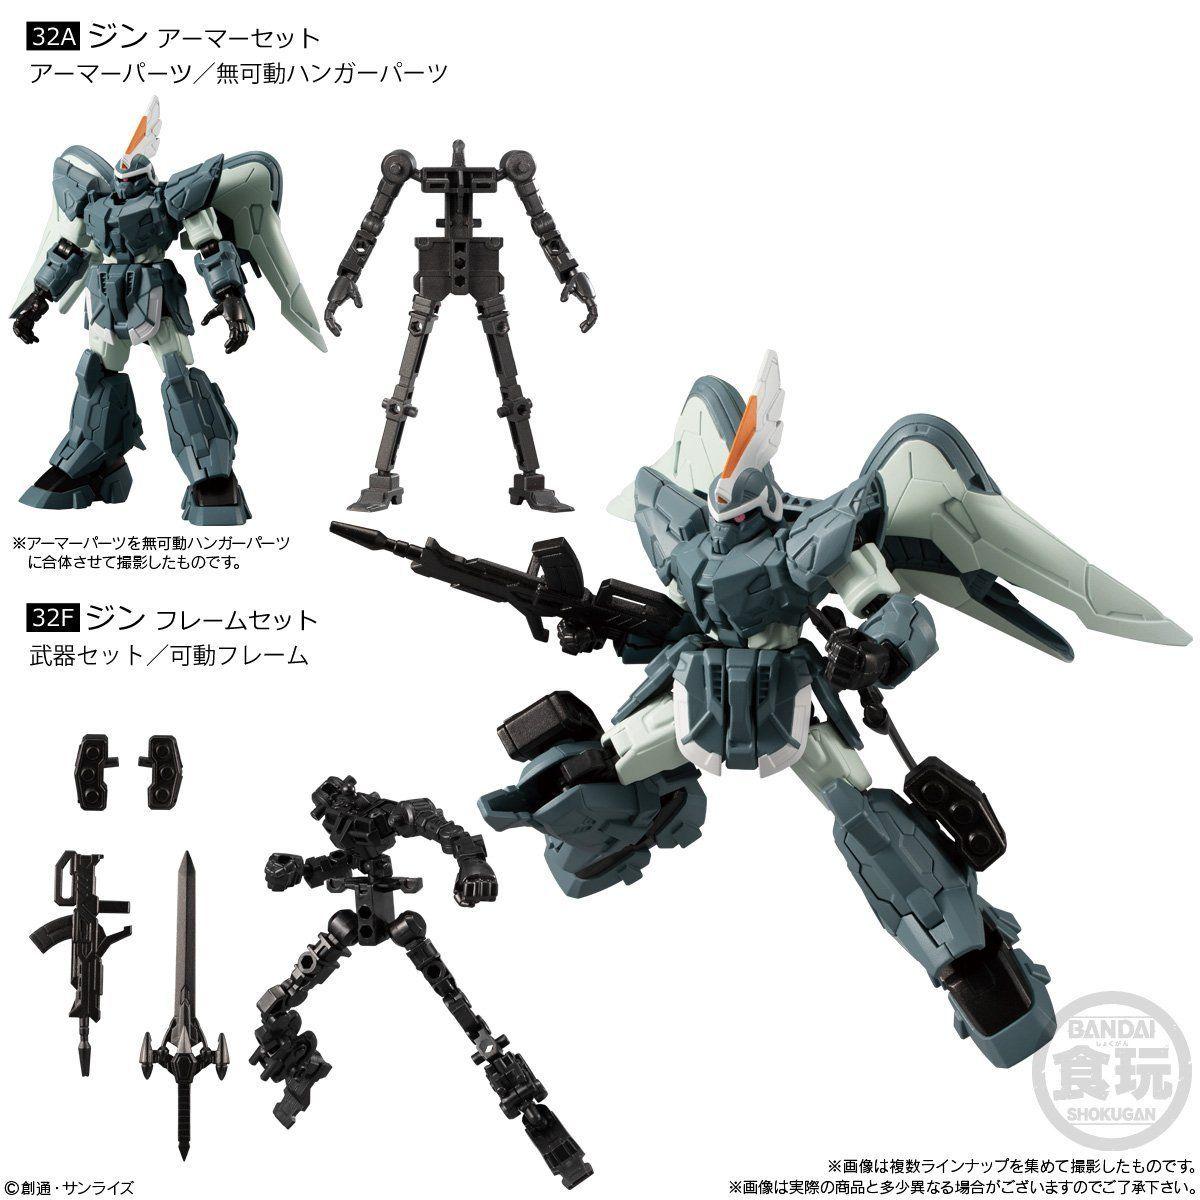 【食玩】機動戦士ガンダム『Gフレーム11』可動フィギュア 10個入りBOX-003